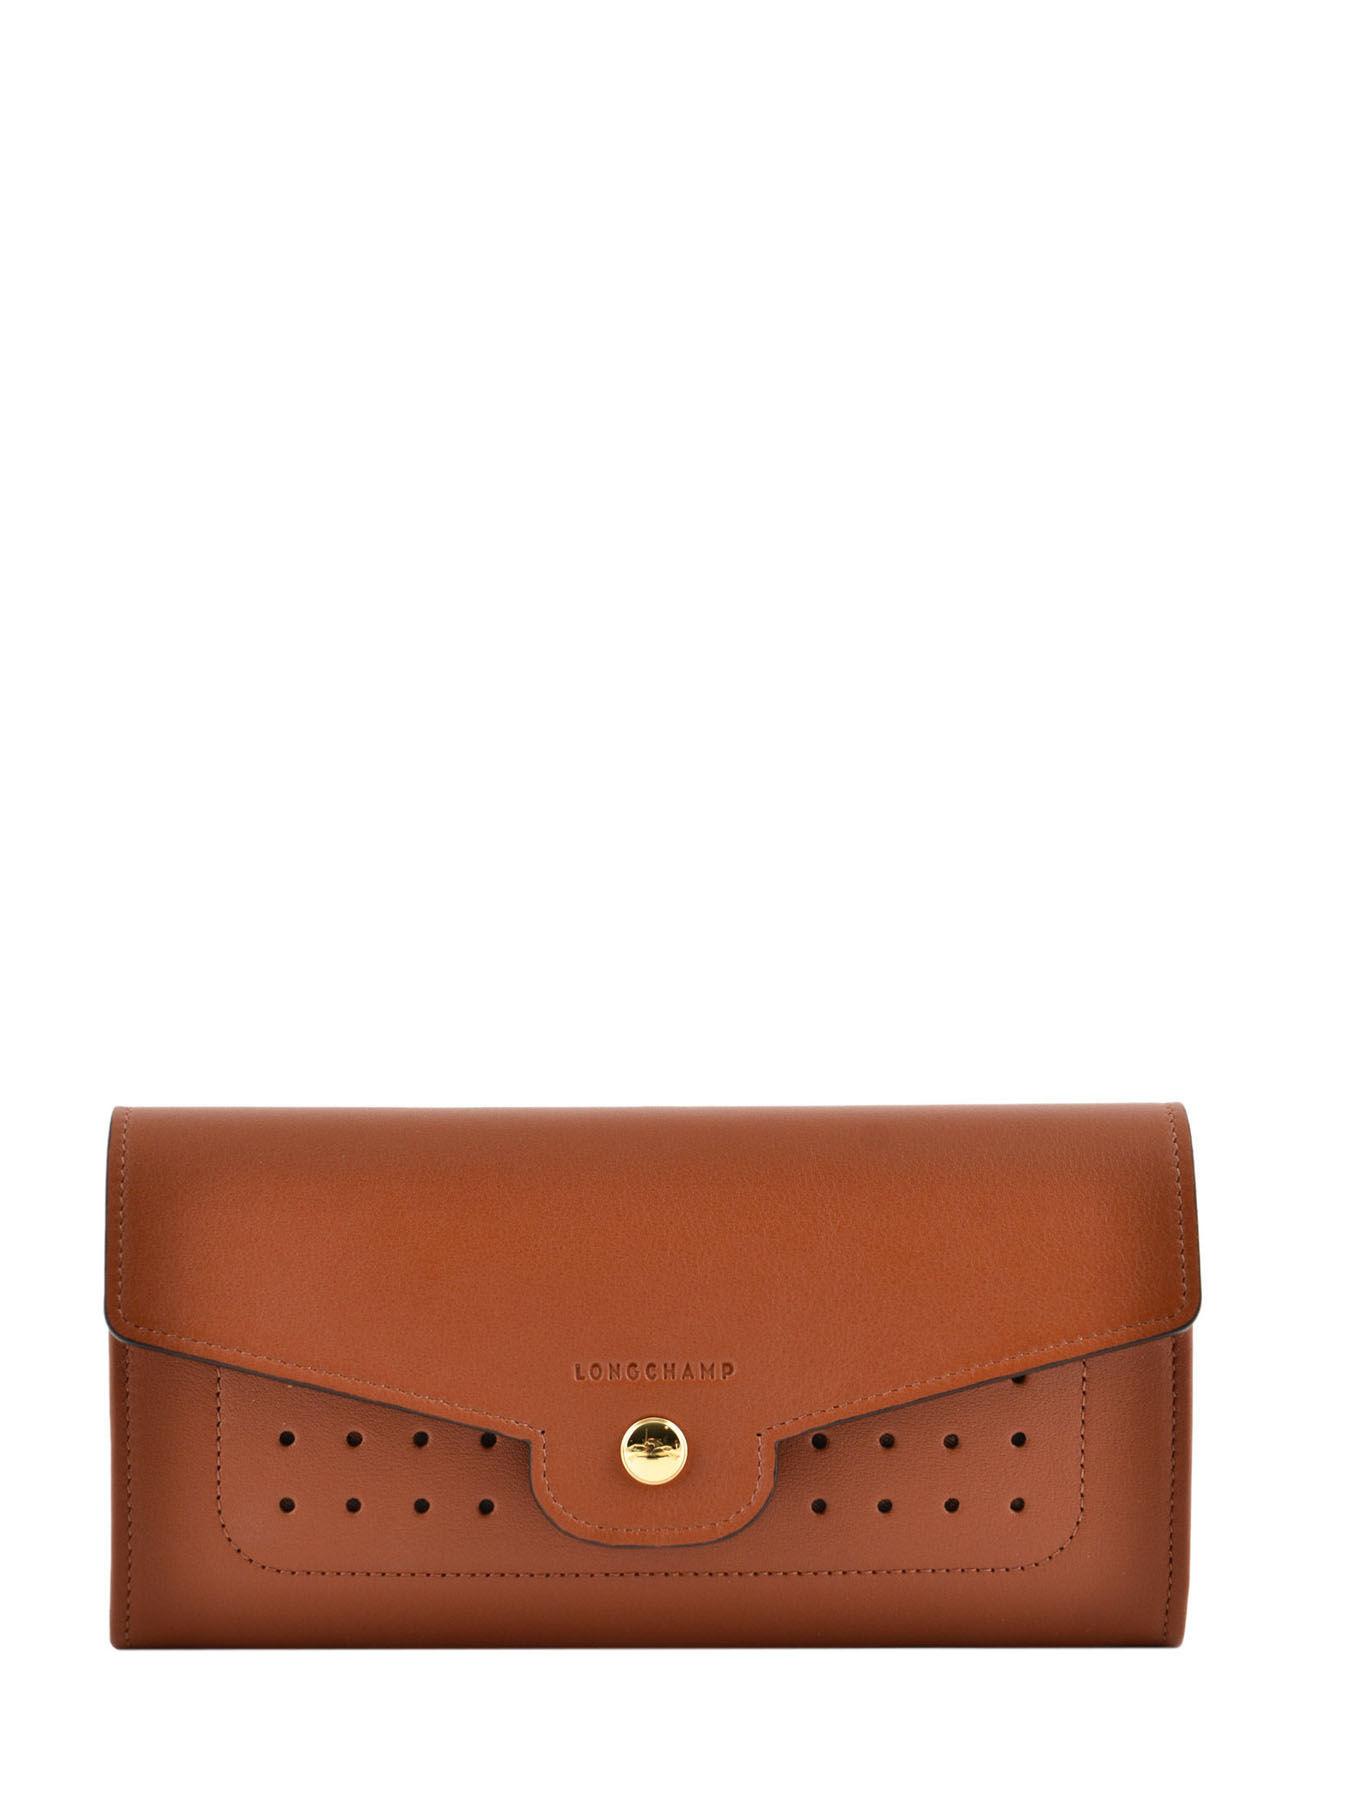 Mademoiselle Longchamp wallet LONGCHAMP